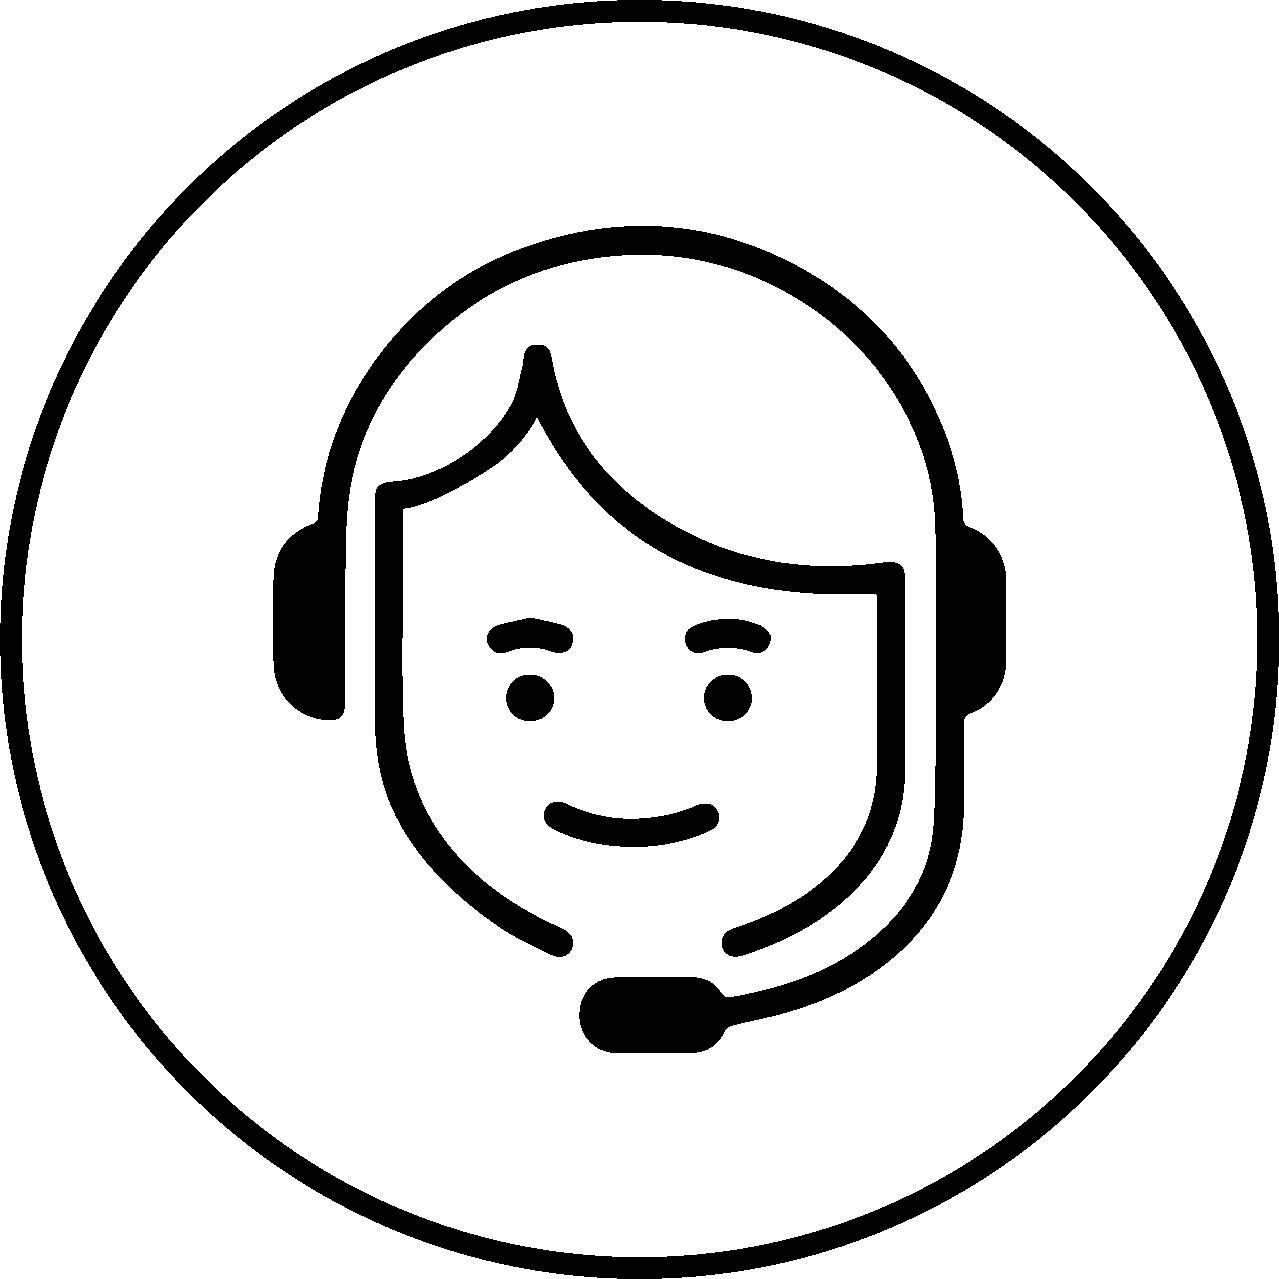 Digital juristbyrå med säte i Stockolm